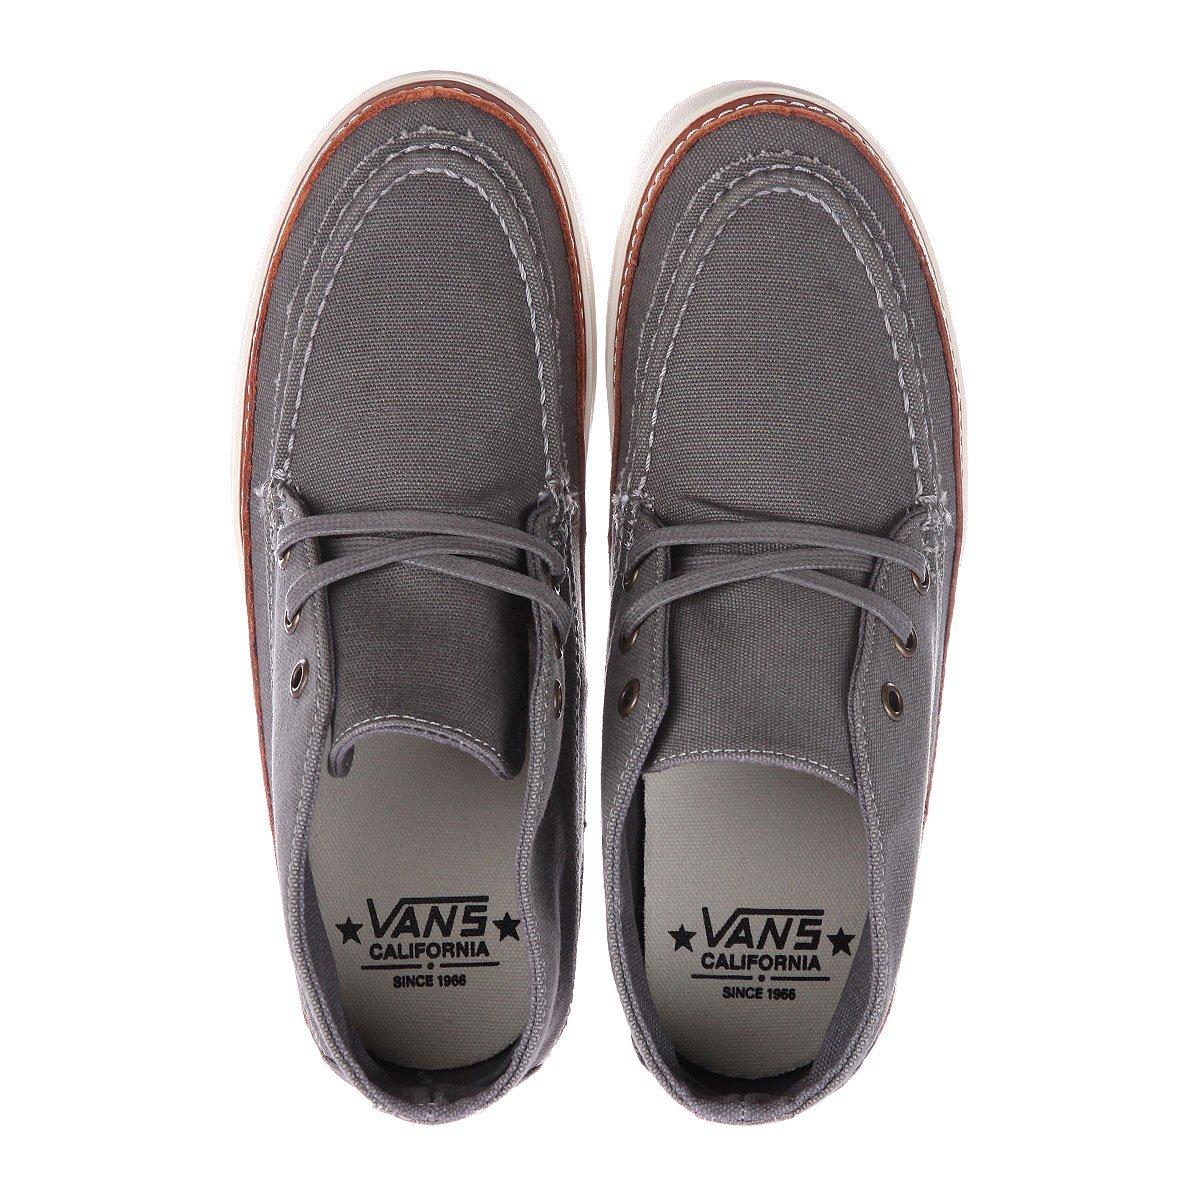 6d63703c6847 Купить кеды высокие Vans U Mesa Moc Ca 10 Oz Canvas Grey ...